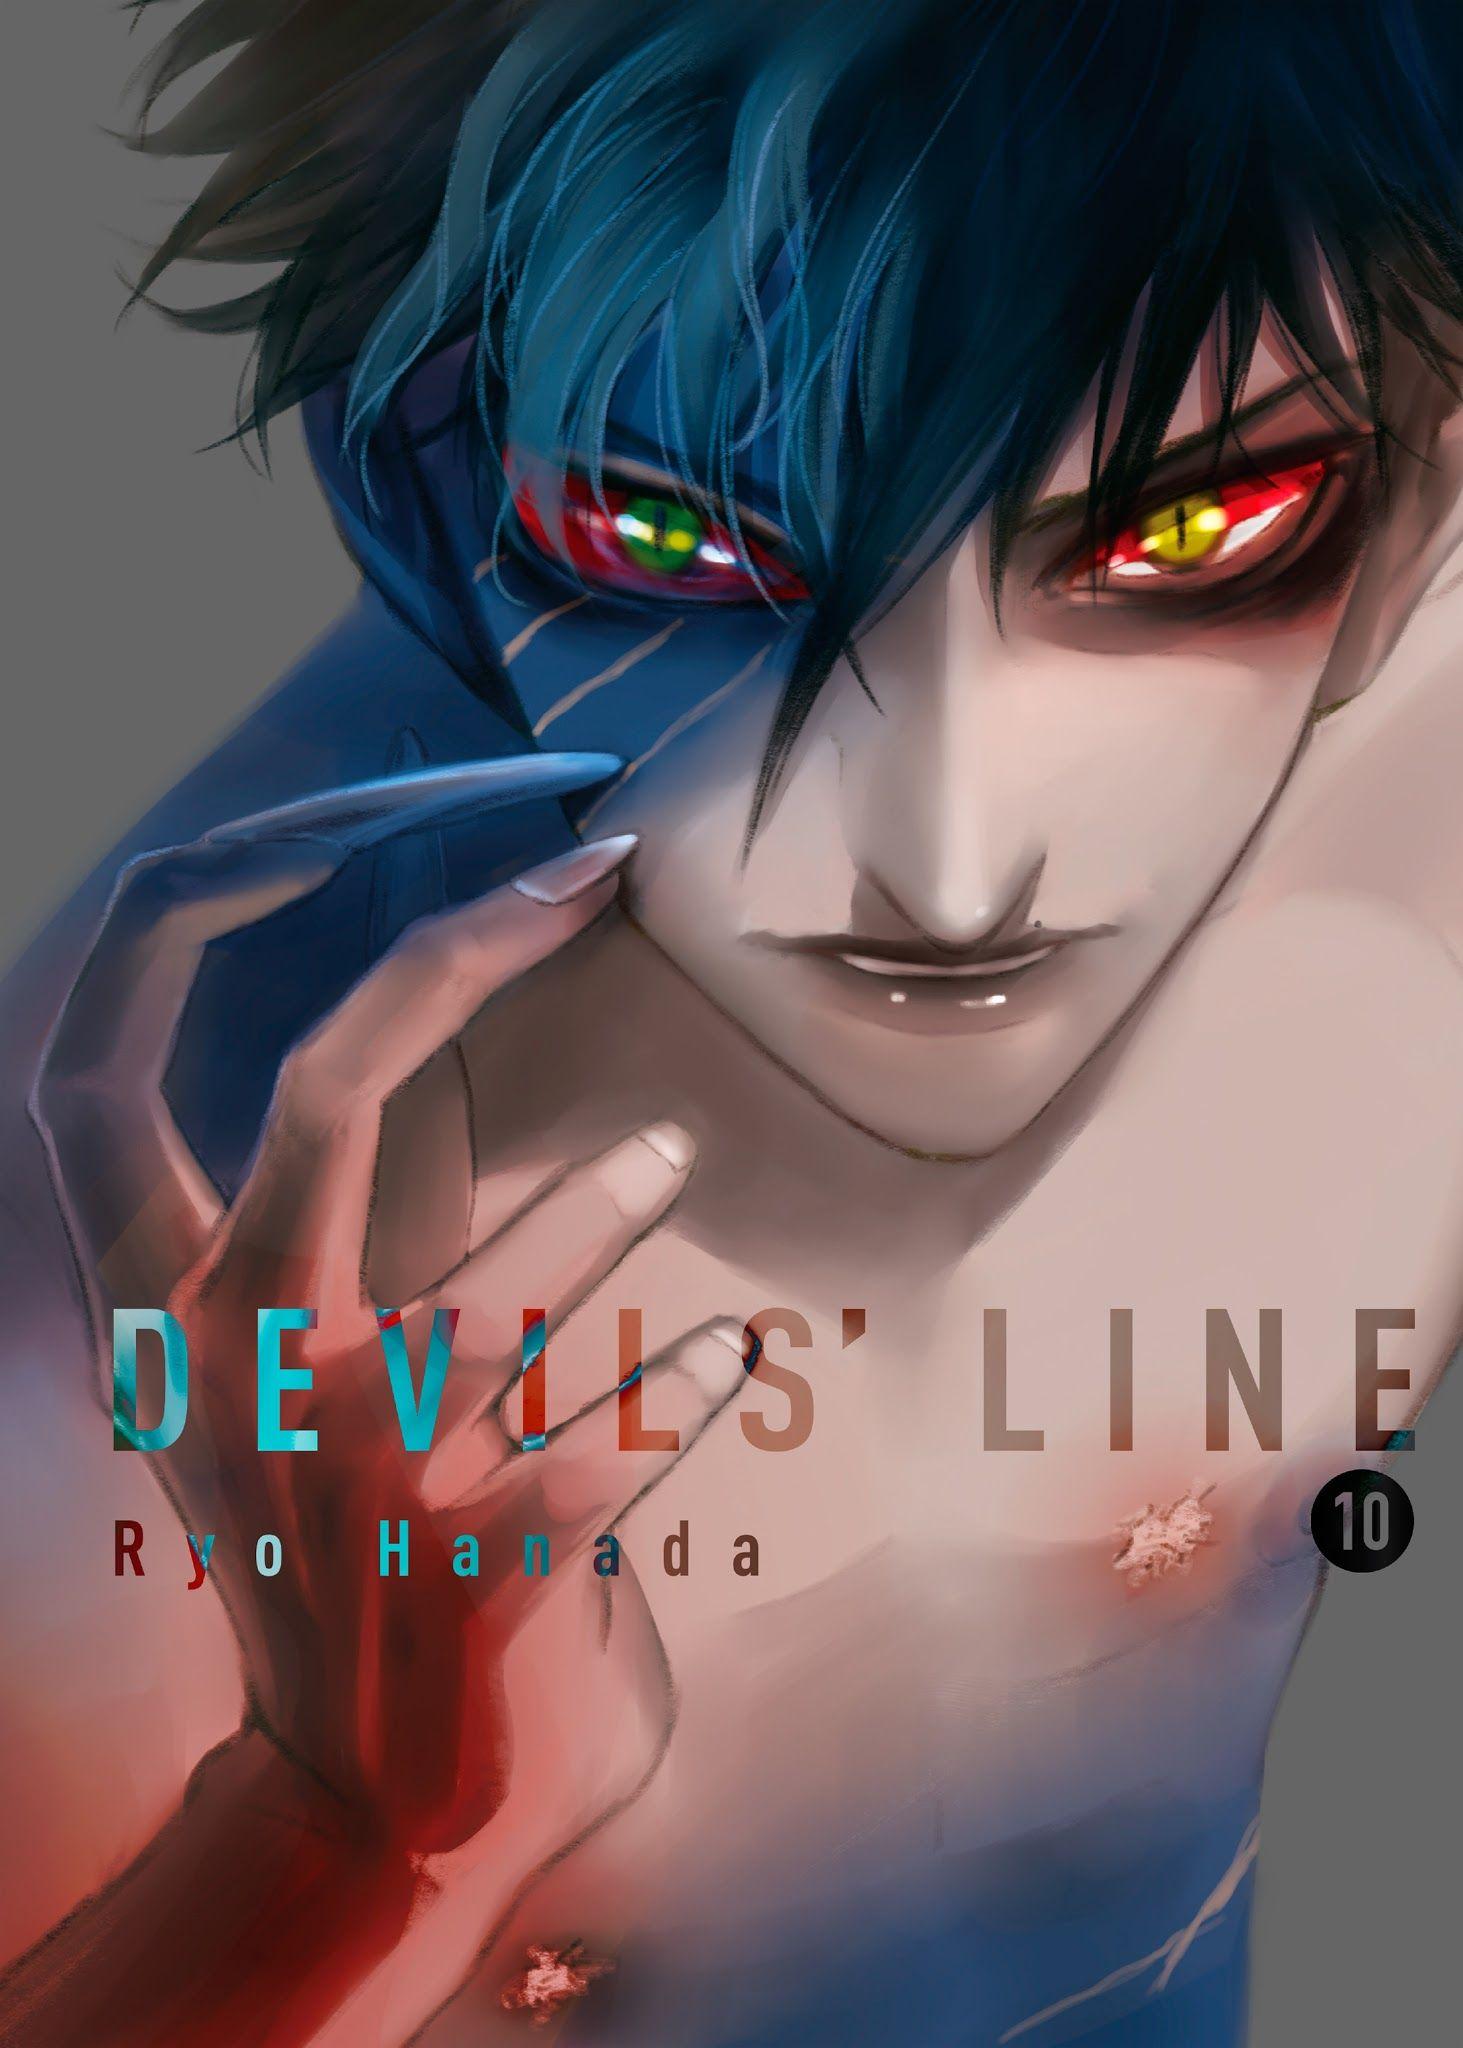 Devils line chapter 48 page 1 duvar